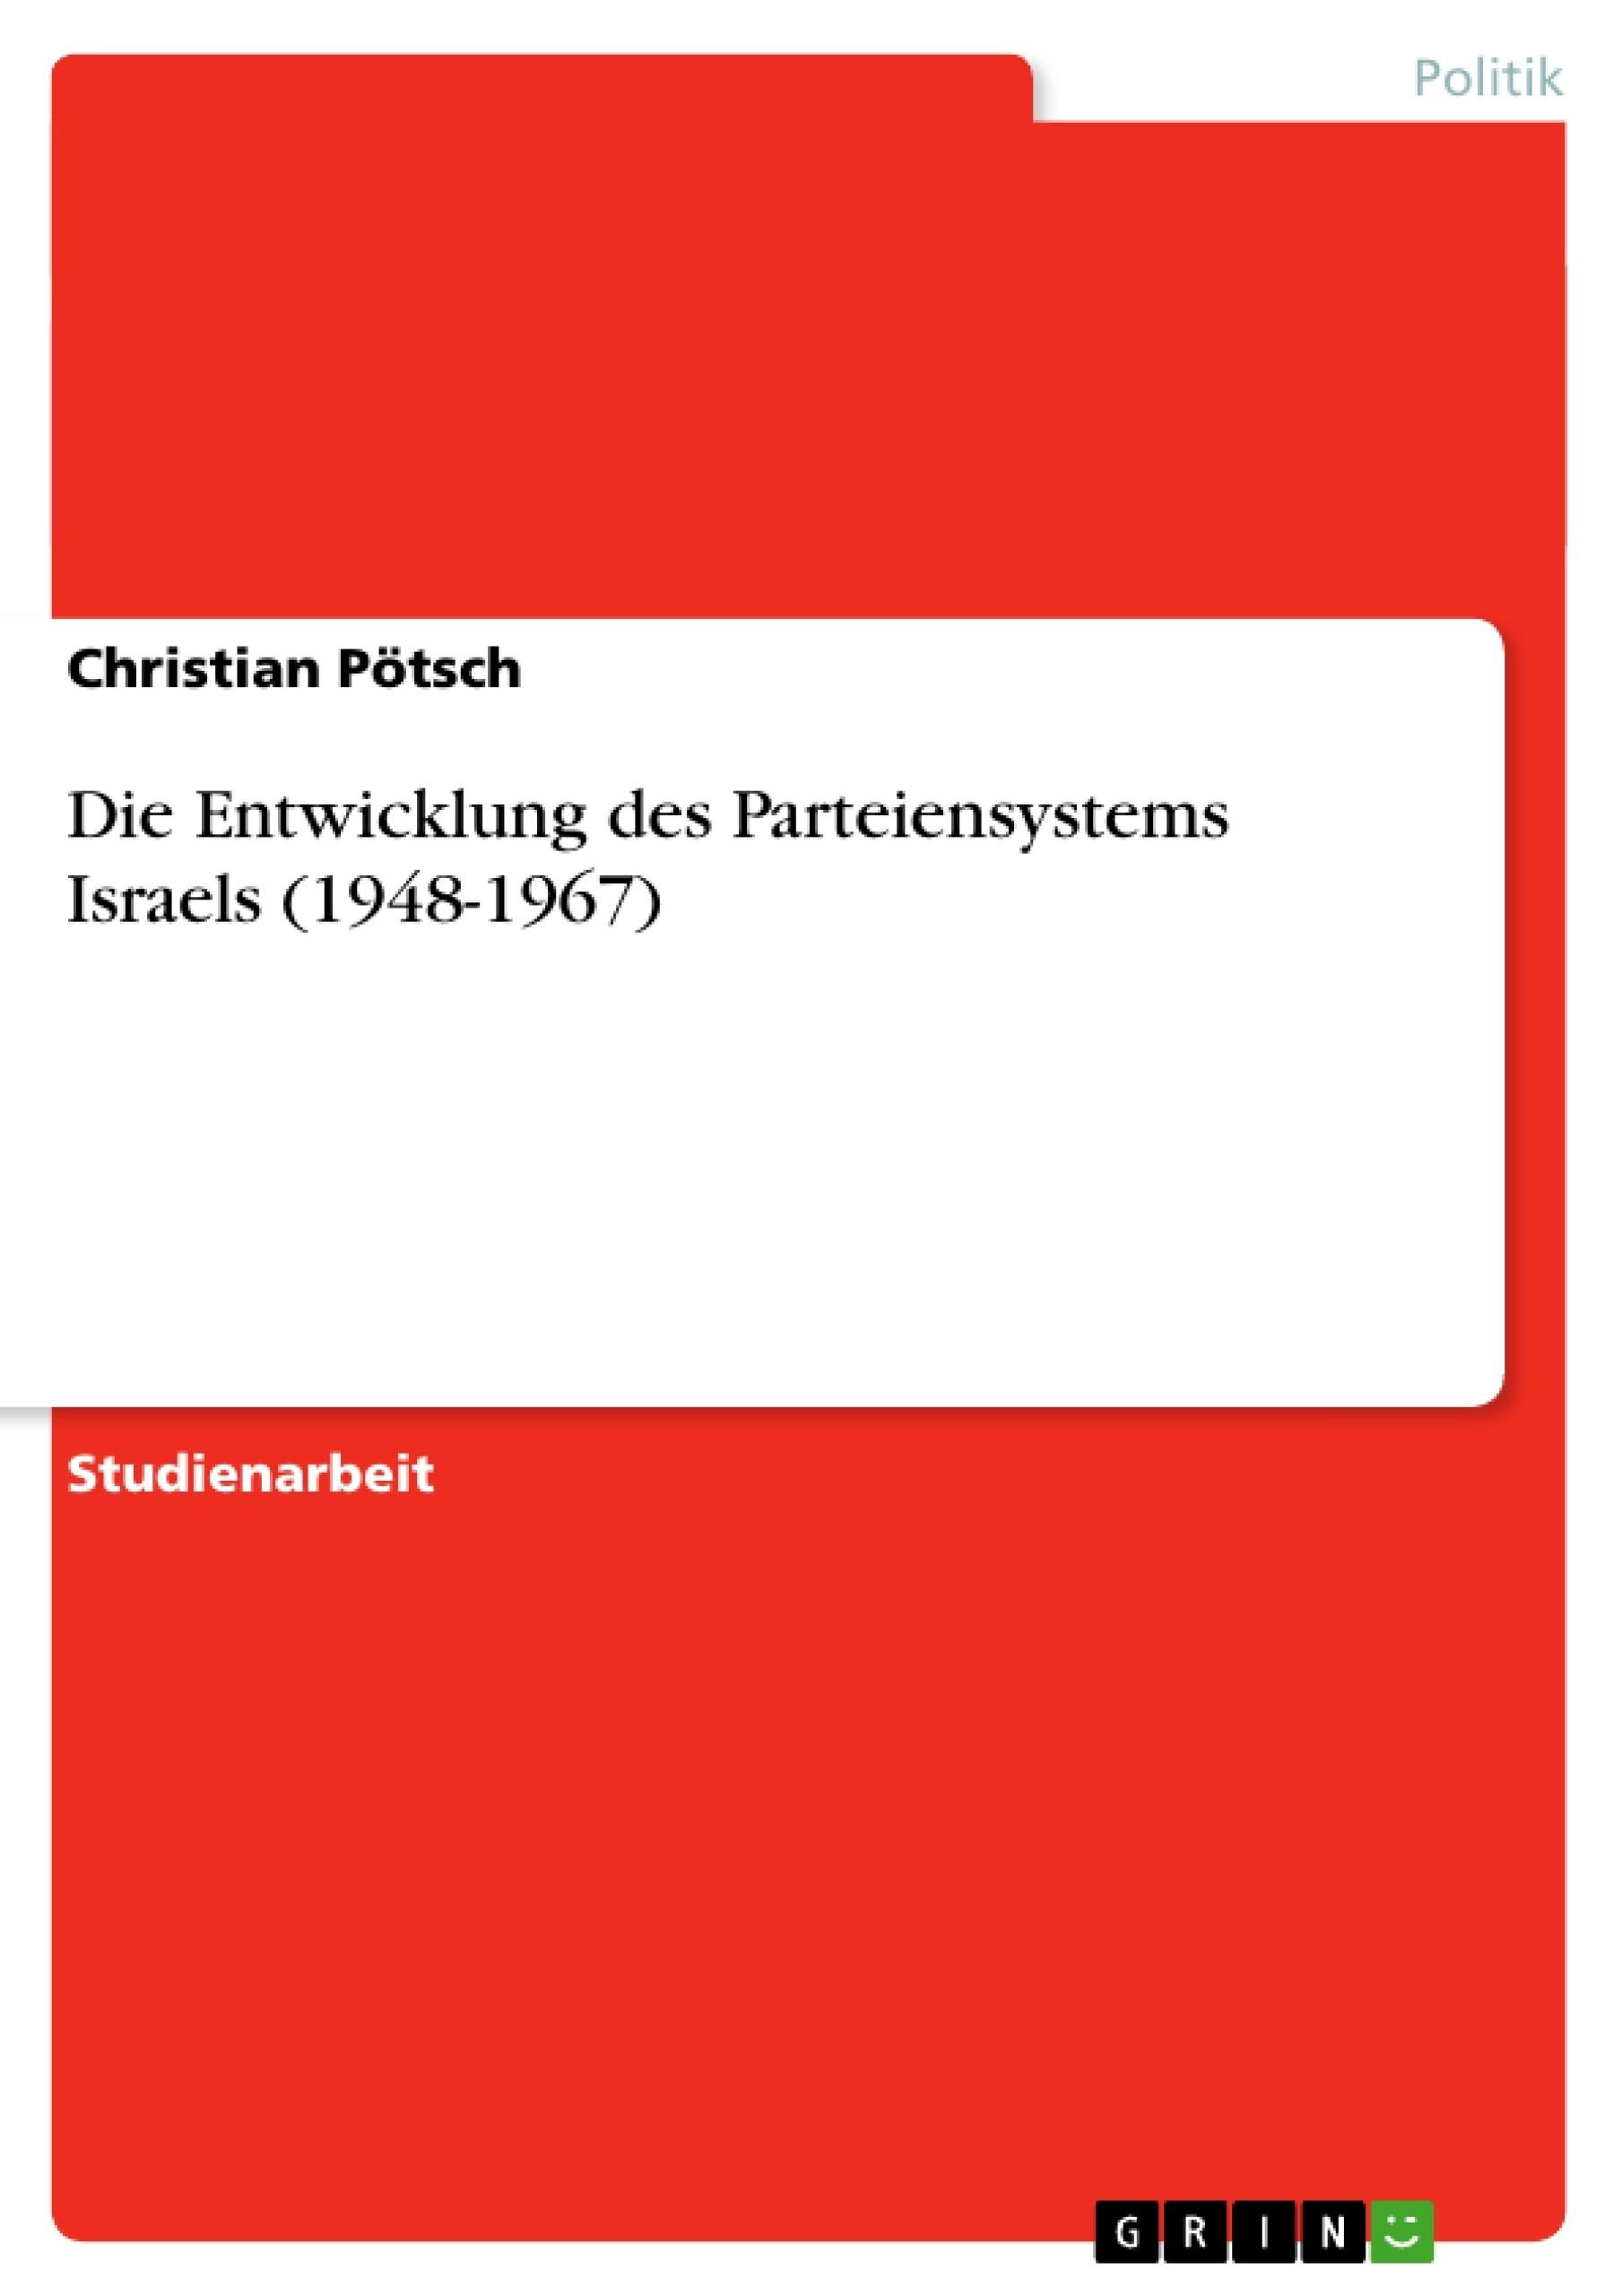 Titel: Die Entwicklung des Parteiensystems Israels (1948-1967)